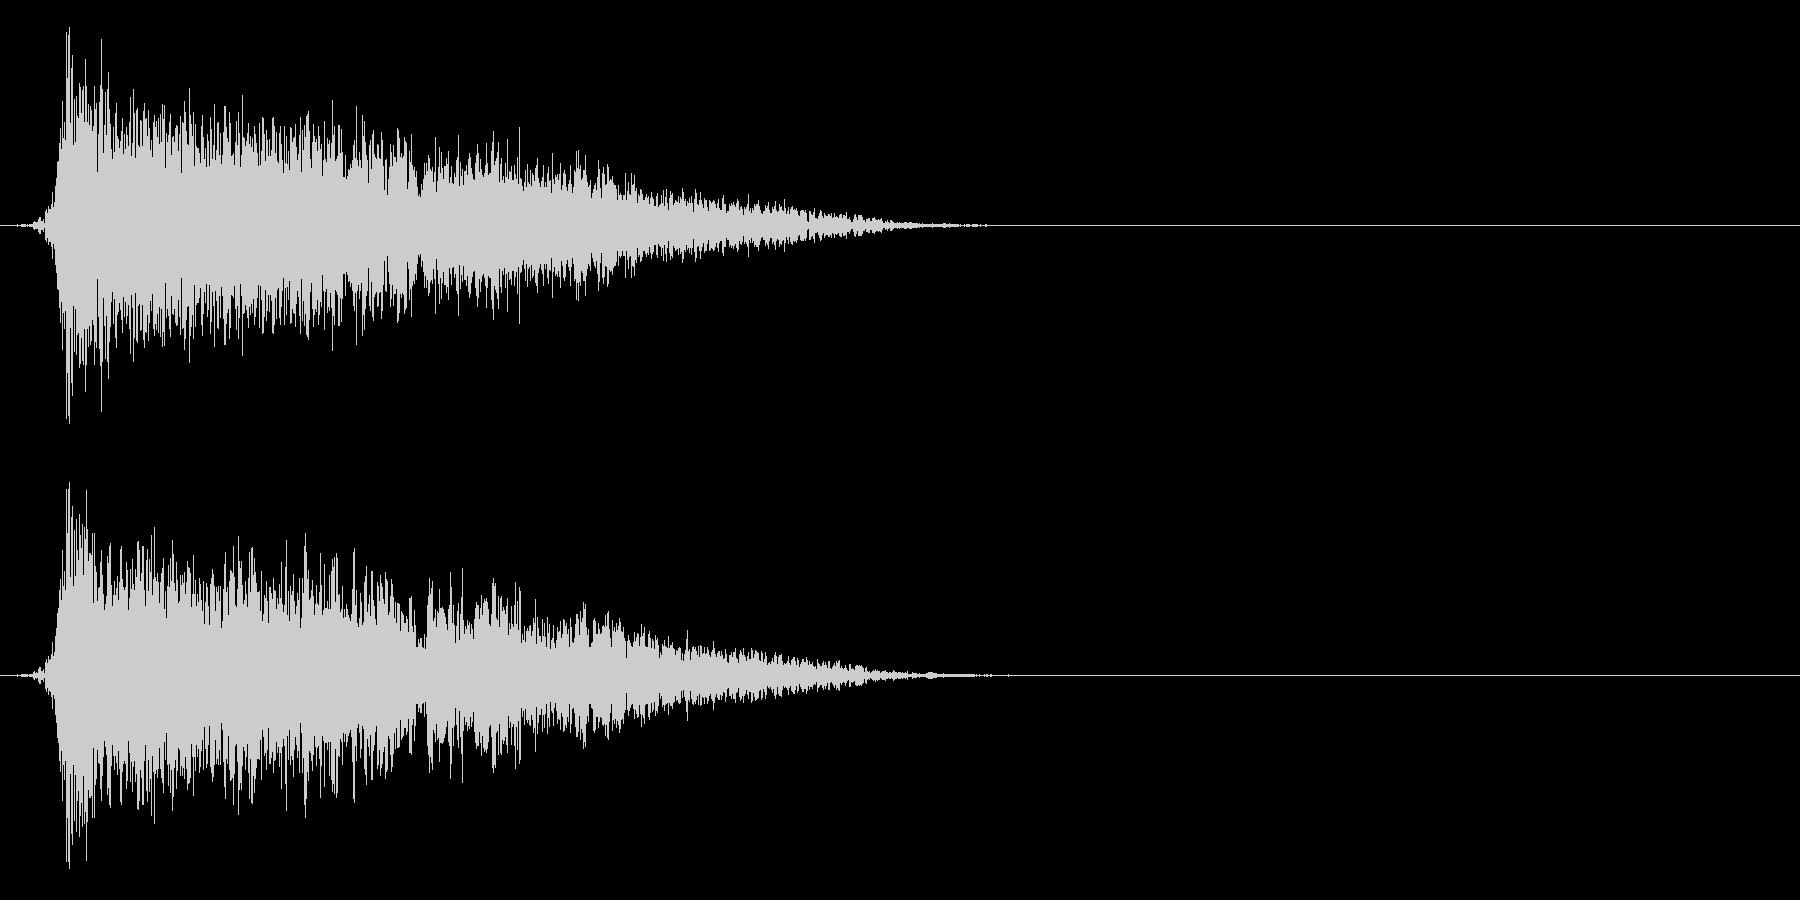 コミカルなダッシュ!ジャンプの効果音5bの未再生の波形